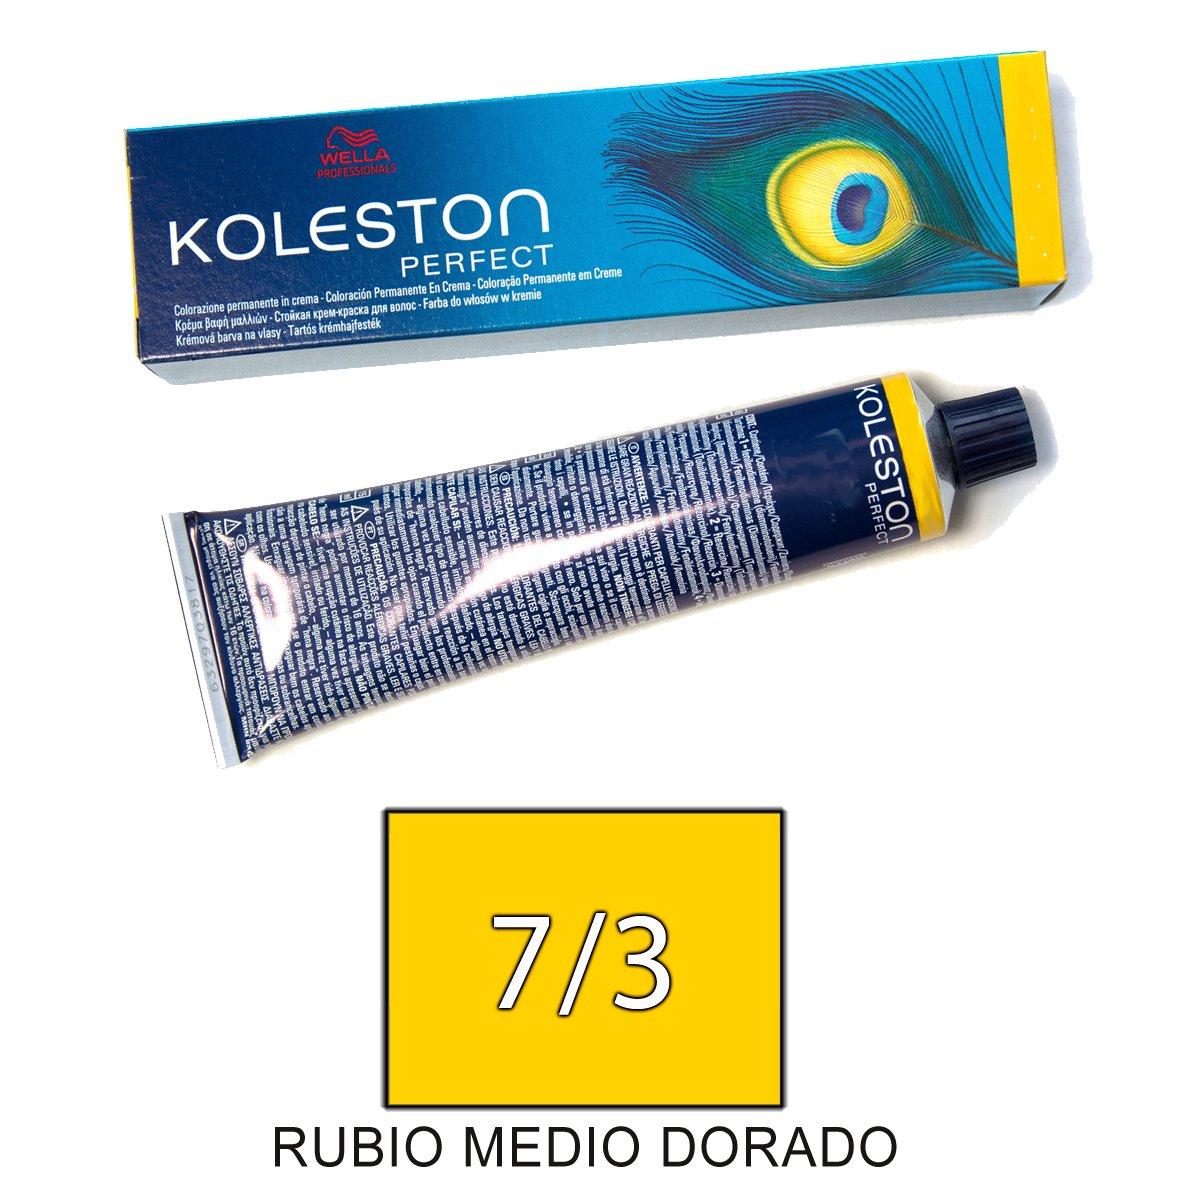 Wella Koleston 7/3 Tinte Capilar - 50 ml